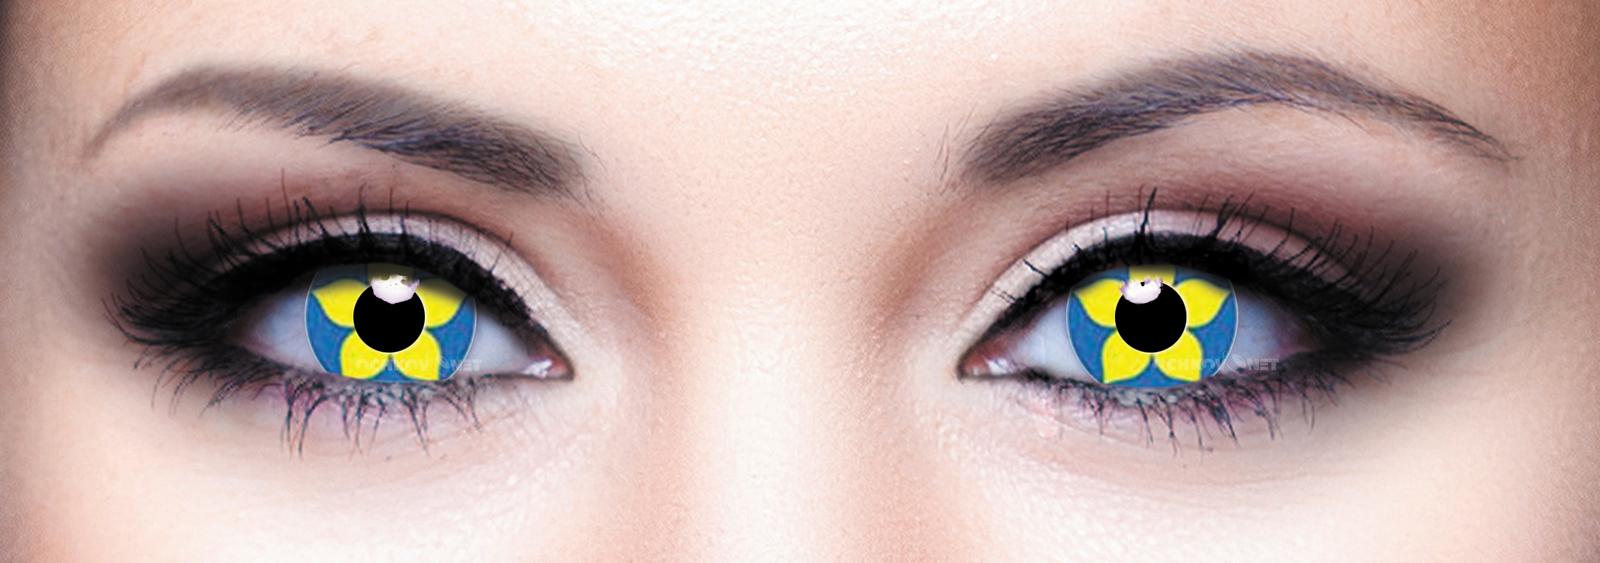 Контактные линзы Eye Free Colors 001 Подсолнух 2 линзы